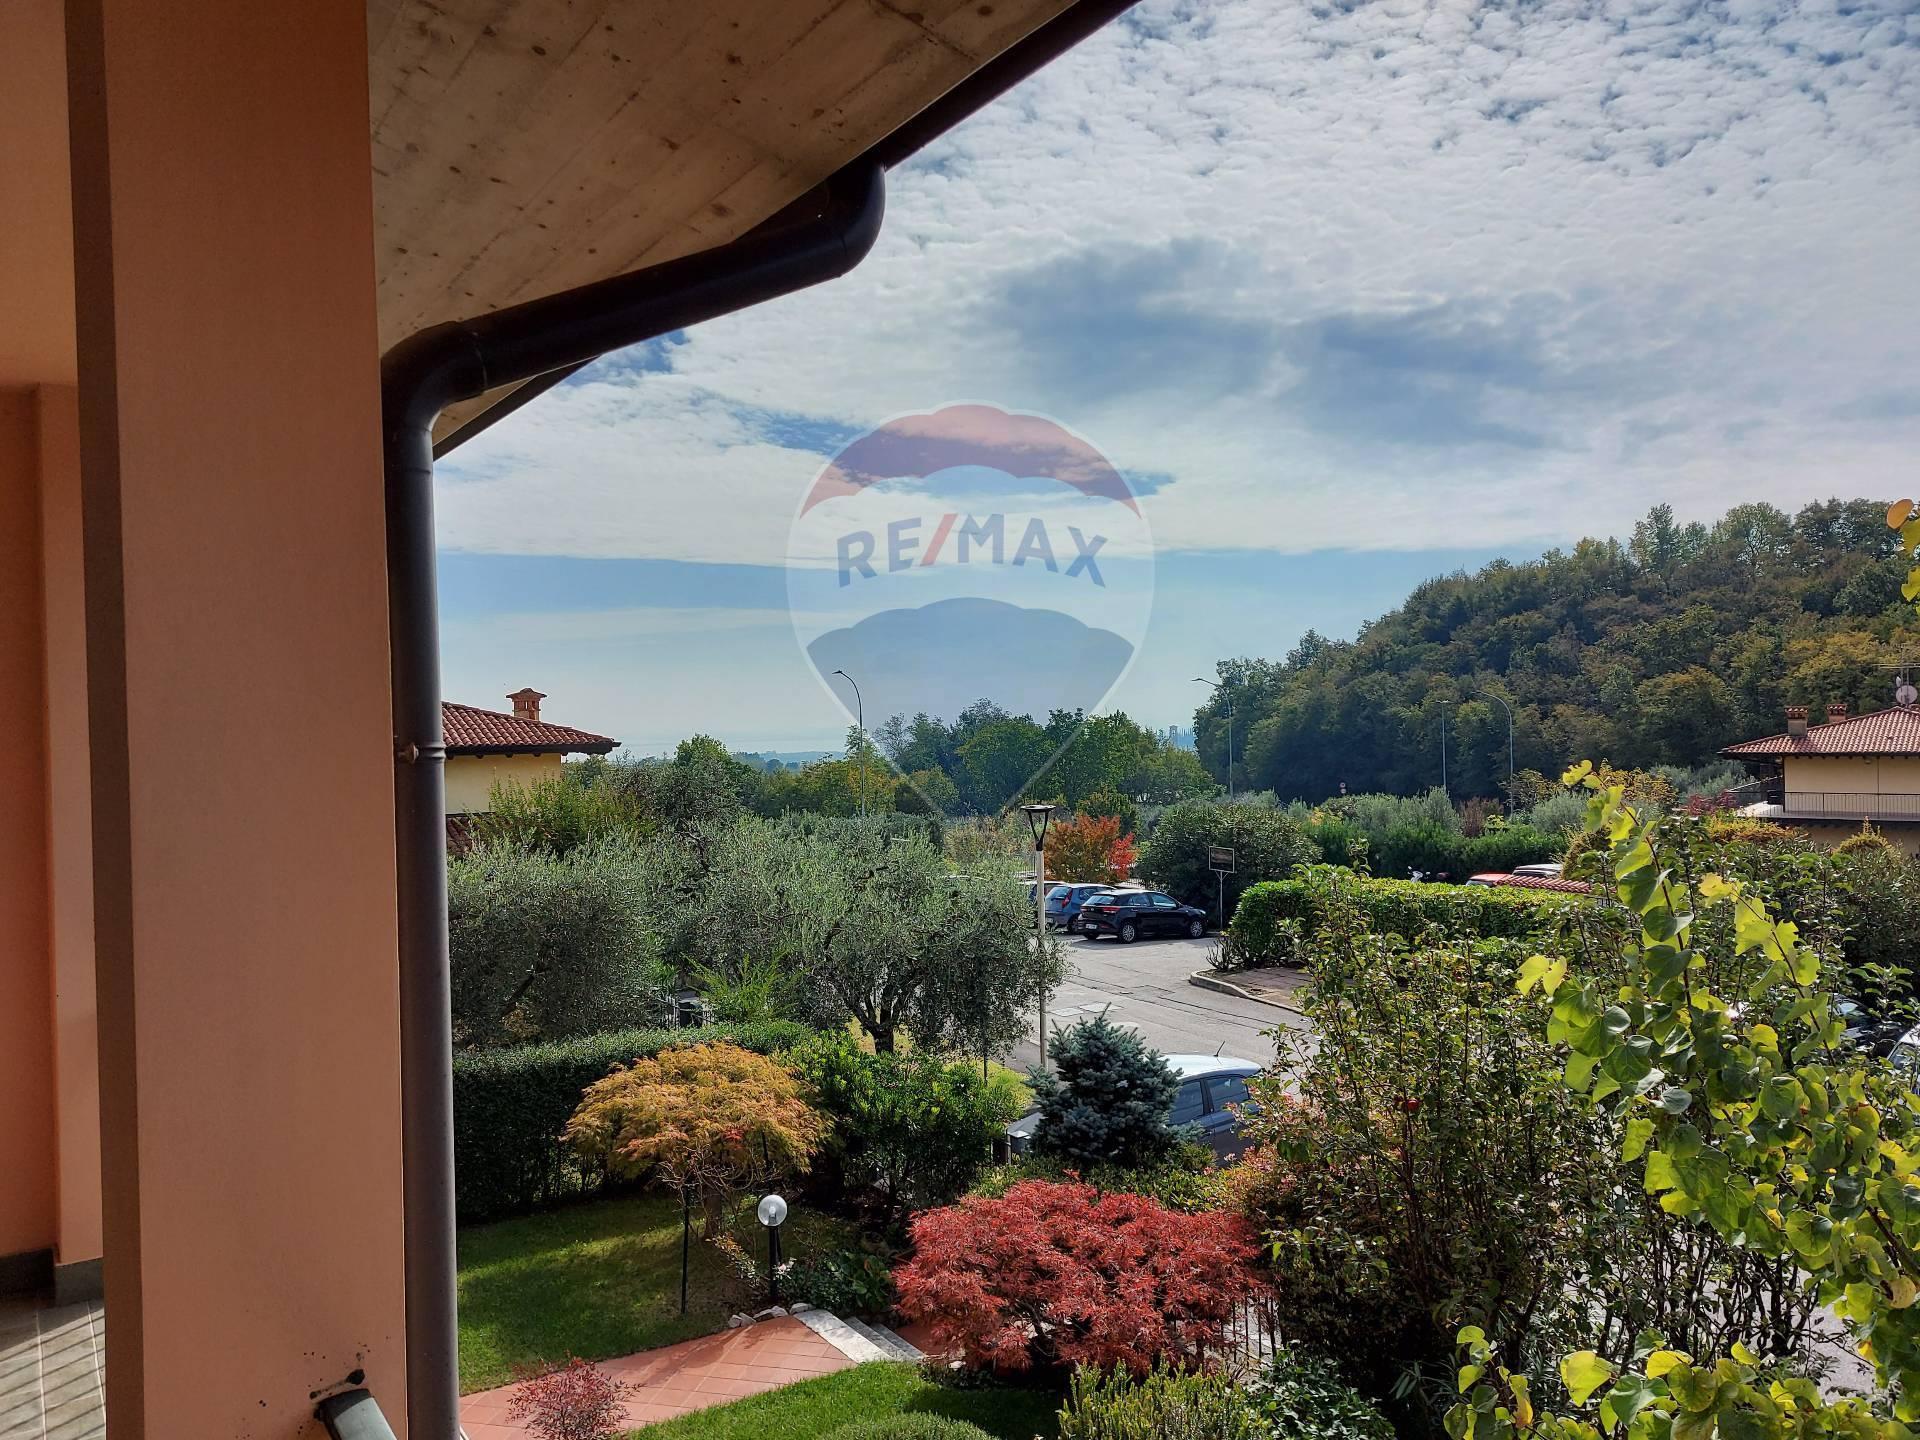 Appartamento in vendita a Puegnago sul Garda, 3 locali, prezzo € 140.000 | PortaleAgenzieImmobiliari.it